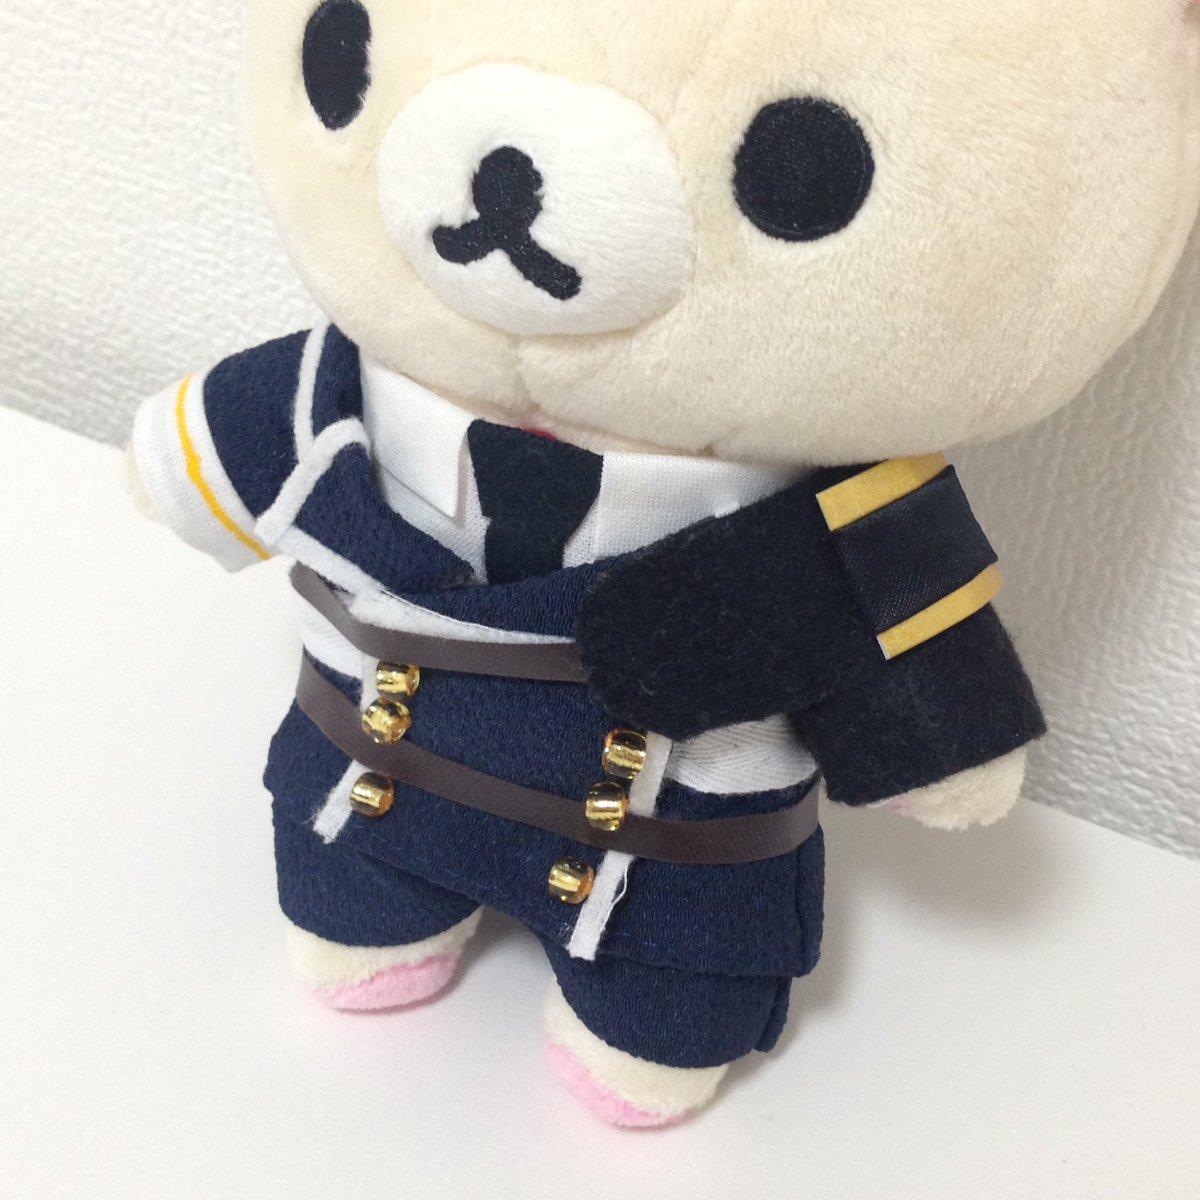 前田藤四郎のコスチュームの装飾変えてハーフパンツ履かせてみたんだけど…厚藤四郎なコリラックマに見えるかなぁ?#刀剣乱舞